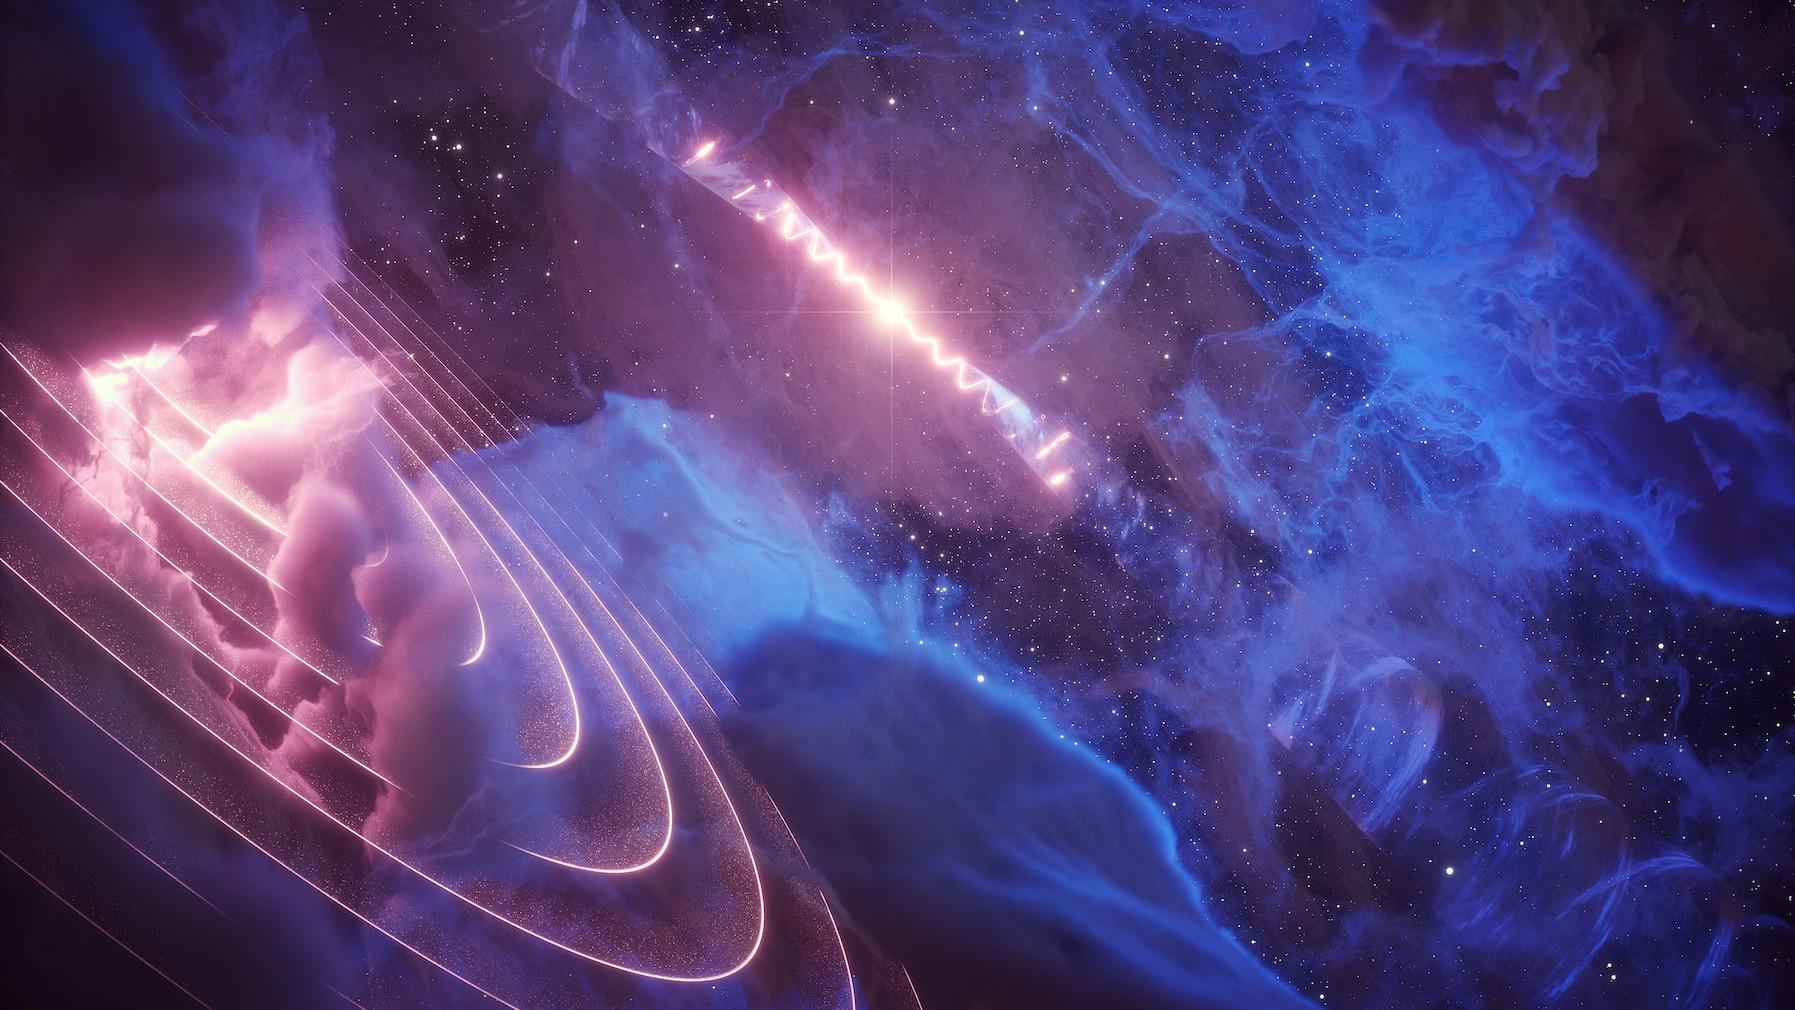 Os dois jatos estreitos têm um formato semelhante a um saca-rolhas devido à precessão, ou oscilação, do disco de acreção do buraco negro. Imagem por DESY e Science Communication Lab